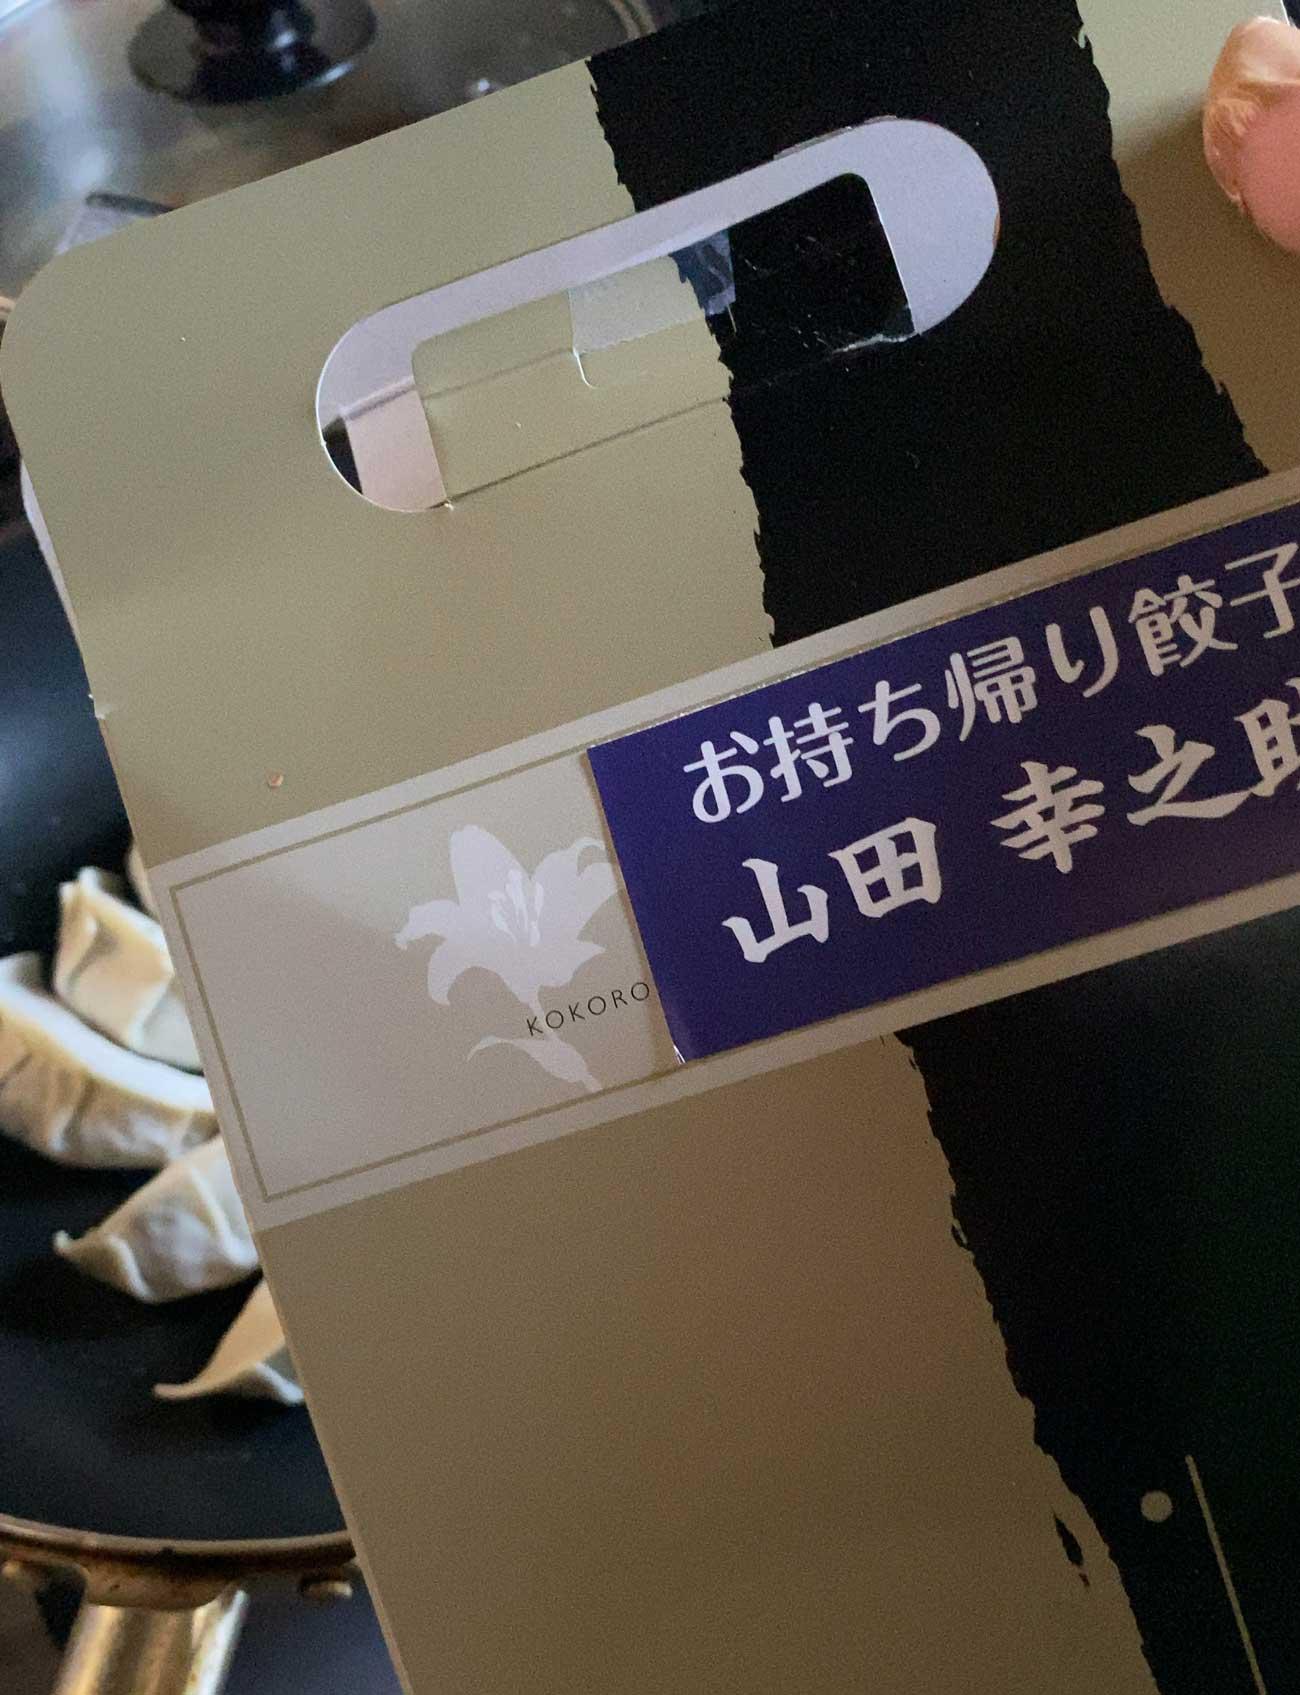 持ち帰り用の包装が厚紙で保冷にもやくだつ